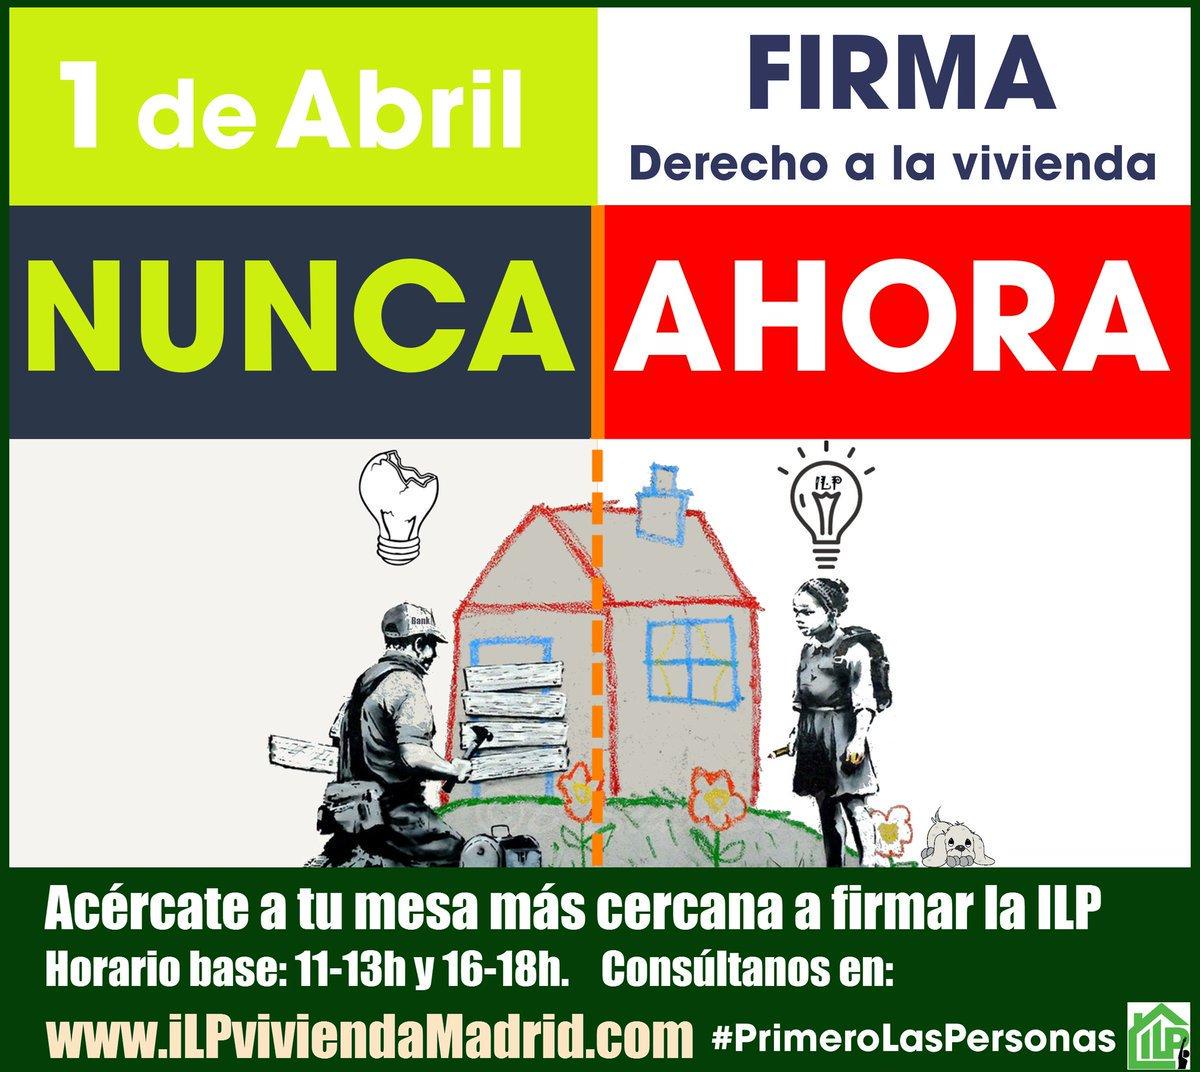 1 de abril : Firma por el derecho a una vivienda digna